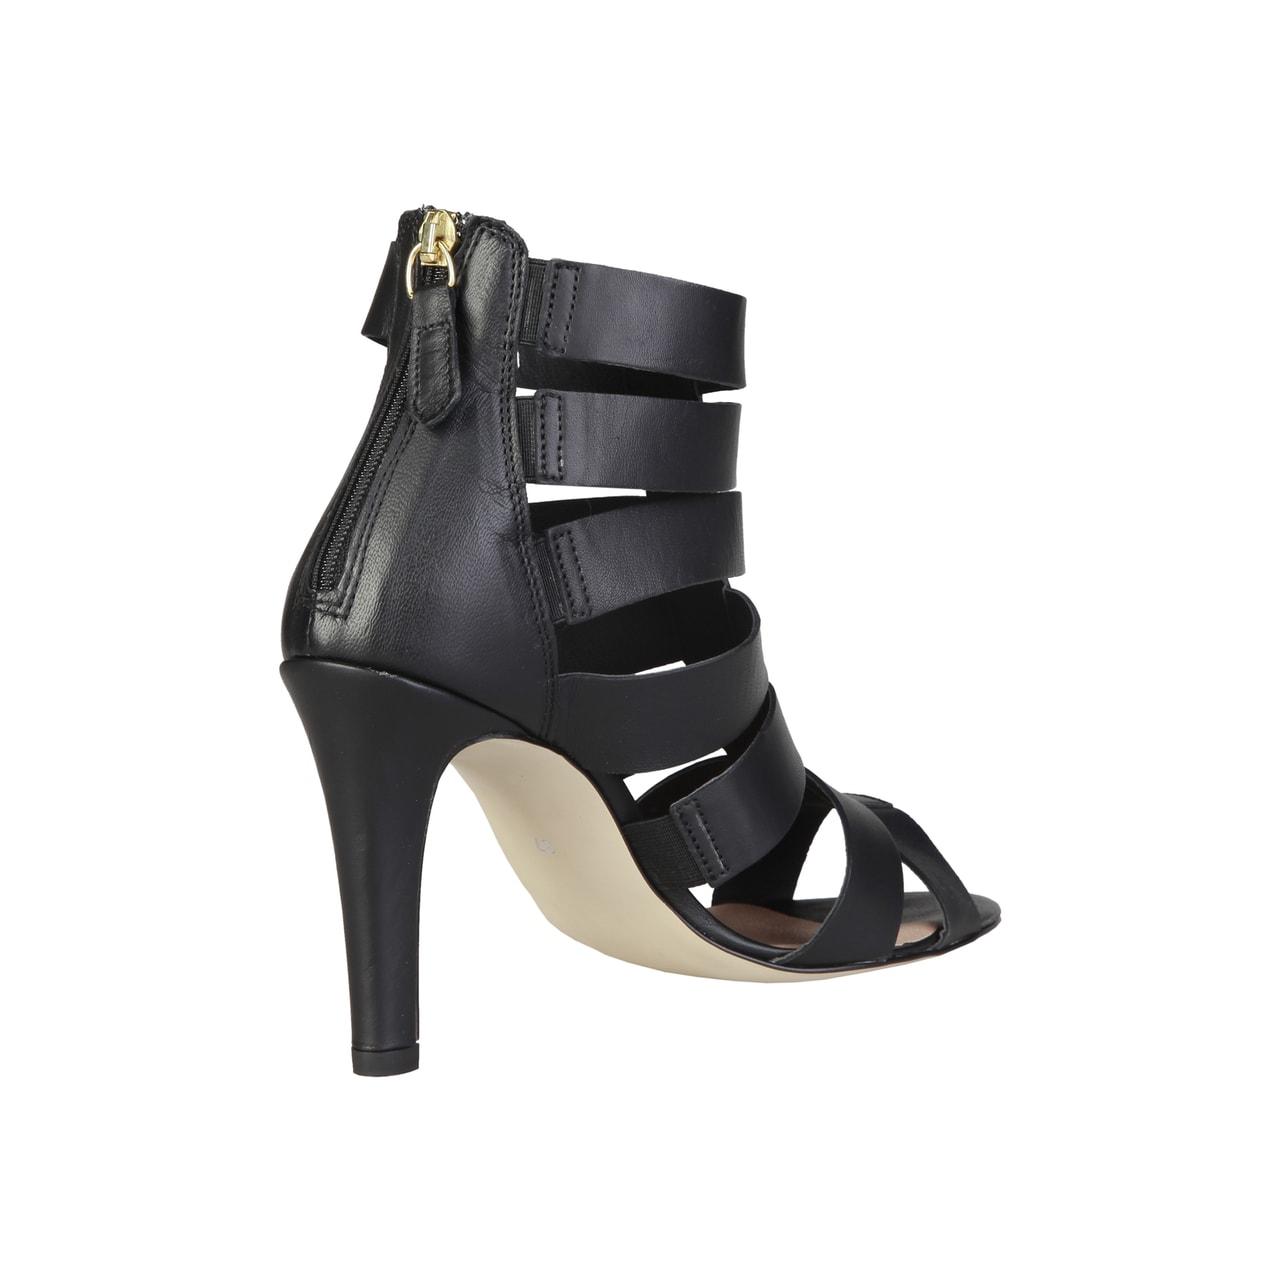 b95dda6684 Glamadise.sk - Dámske kožené páskové sandále čierne - Pierre Cardin ...